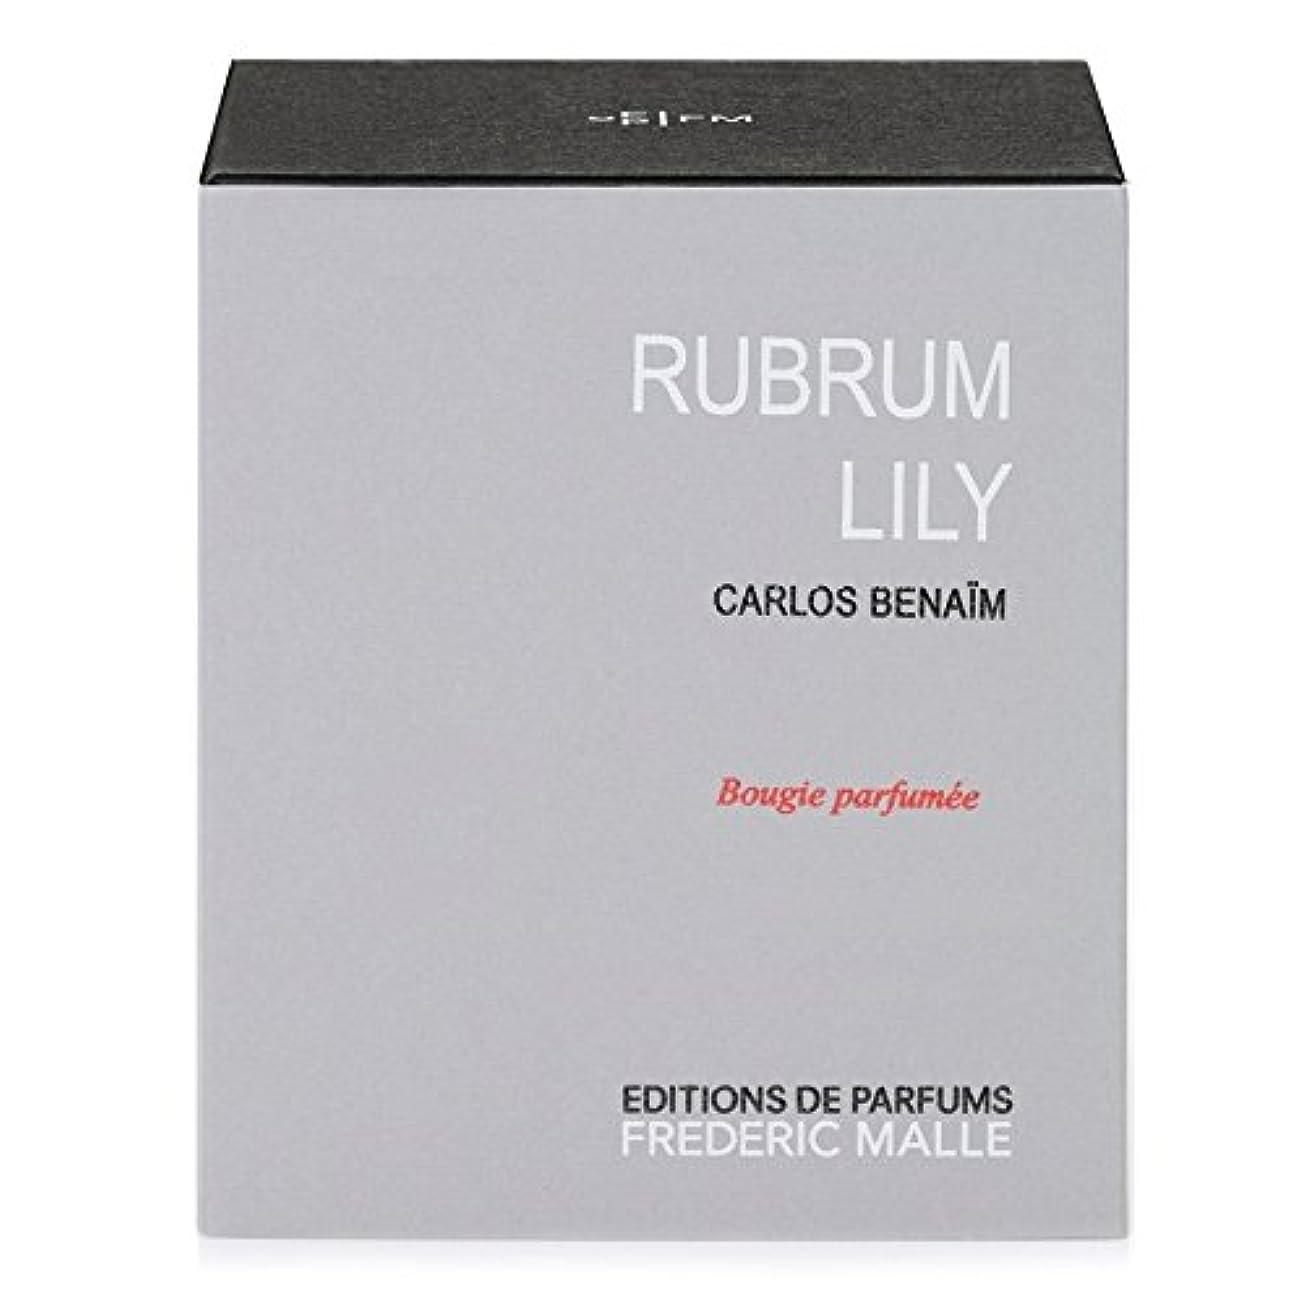 皮肉な市の中心部雄弁家フレデリック?マルルブルムユリの香りのキャンドル x6 - Frederic Malle Rubrum Lily Scented Candle (Pack of 6) [並行輸入品]